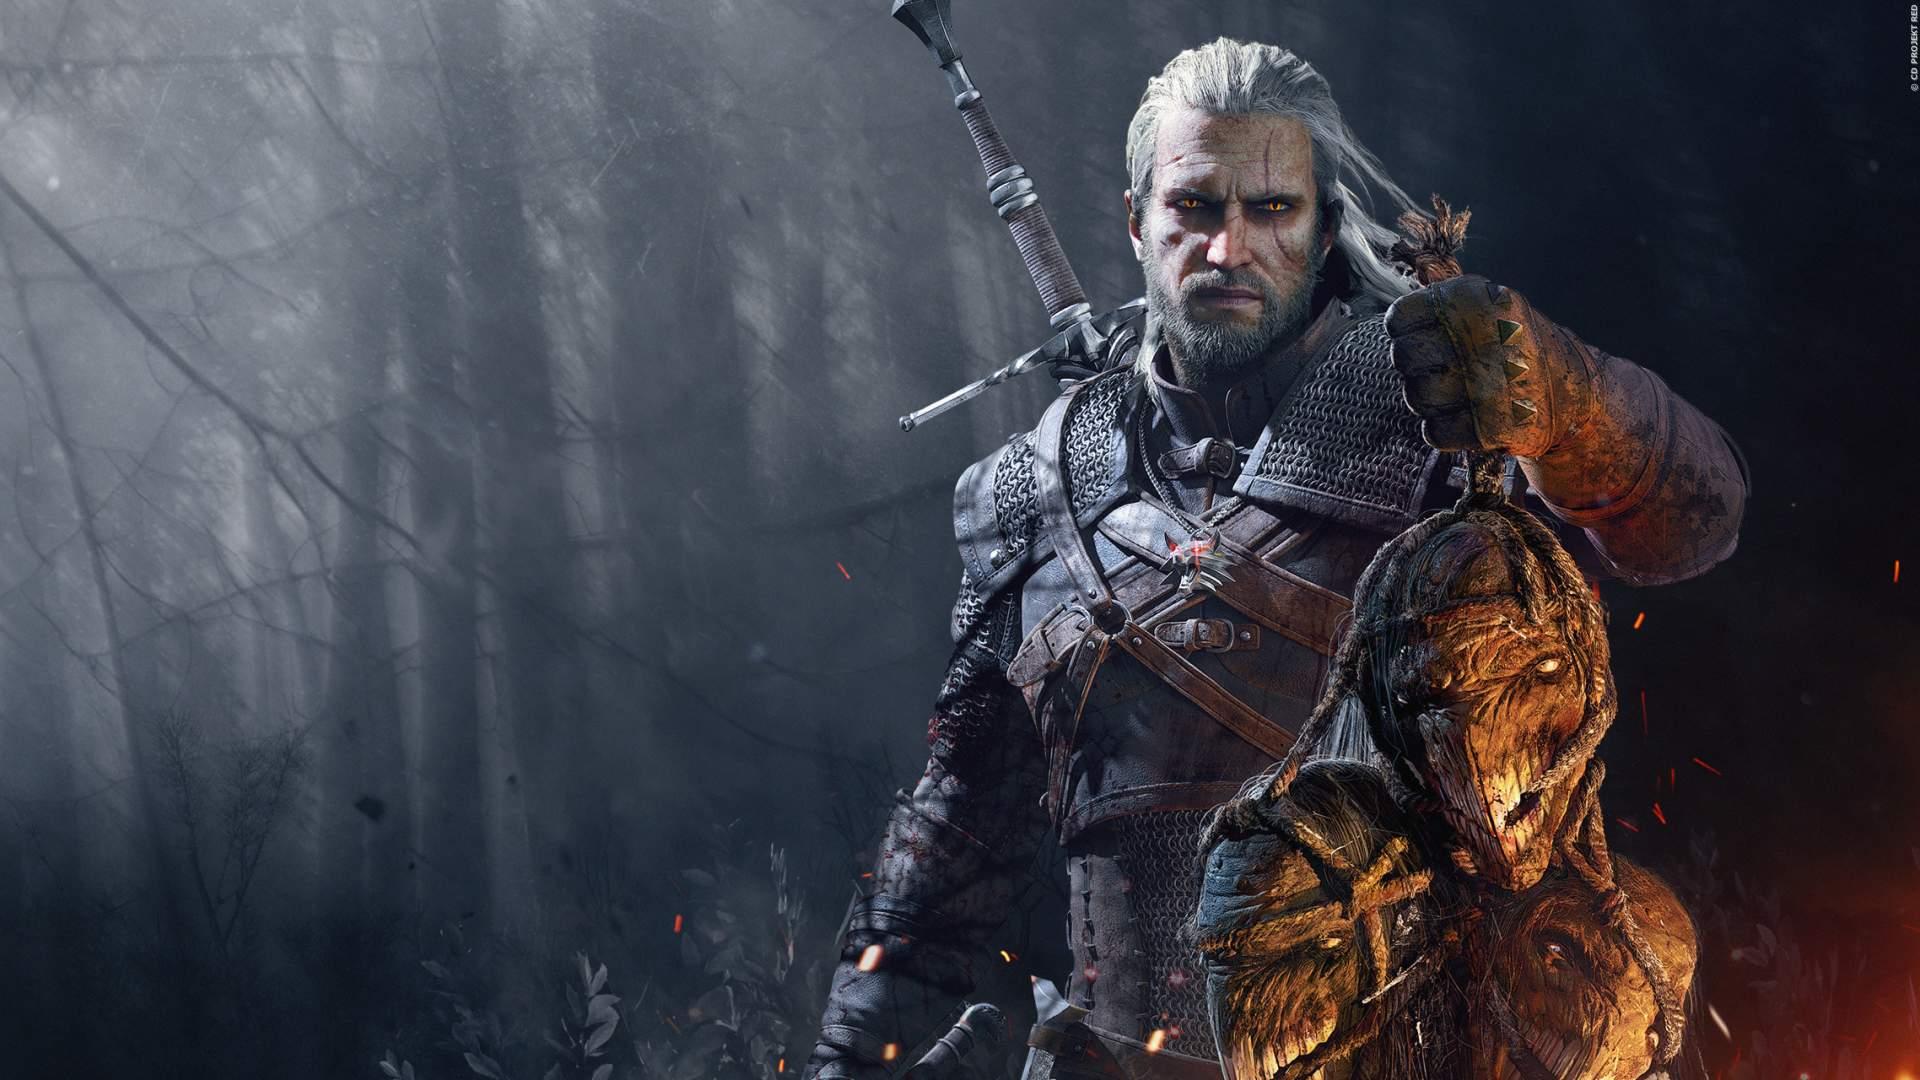 The Witcher Will Keine Game Of Thrones Stars Trailerseite Filmtv